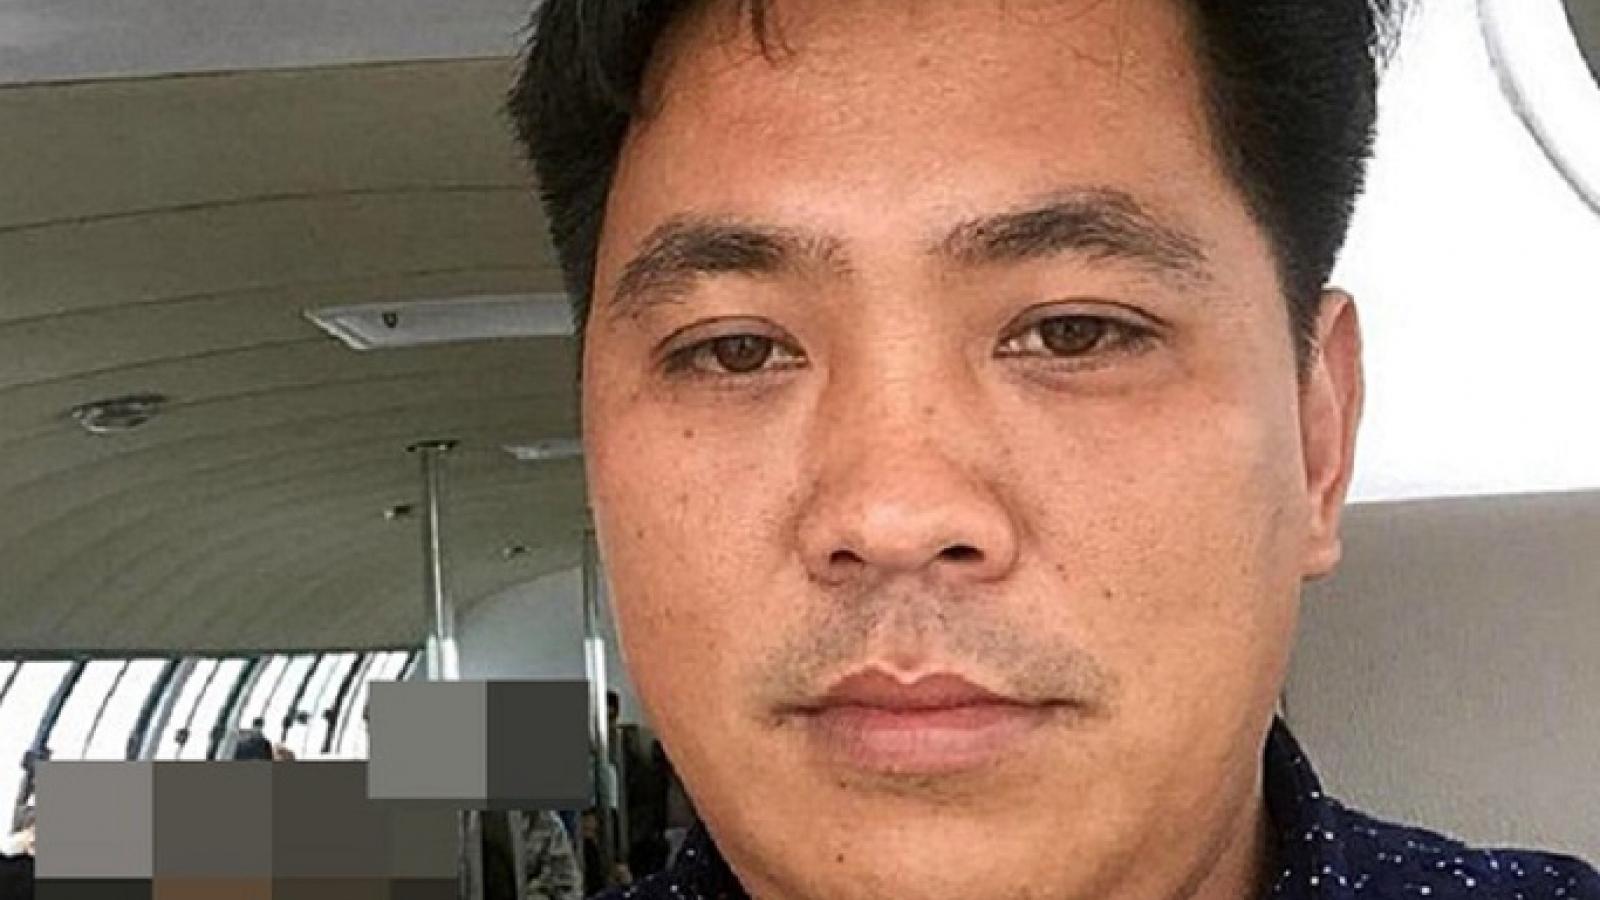 Bình Thuận: Truy tố cựu cán bộ lừa đảo hàng chục tỉ đồng